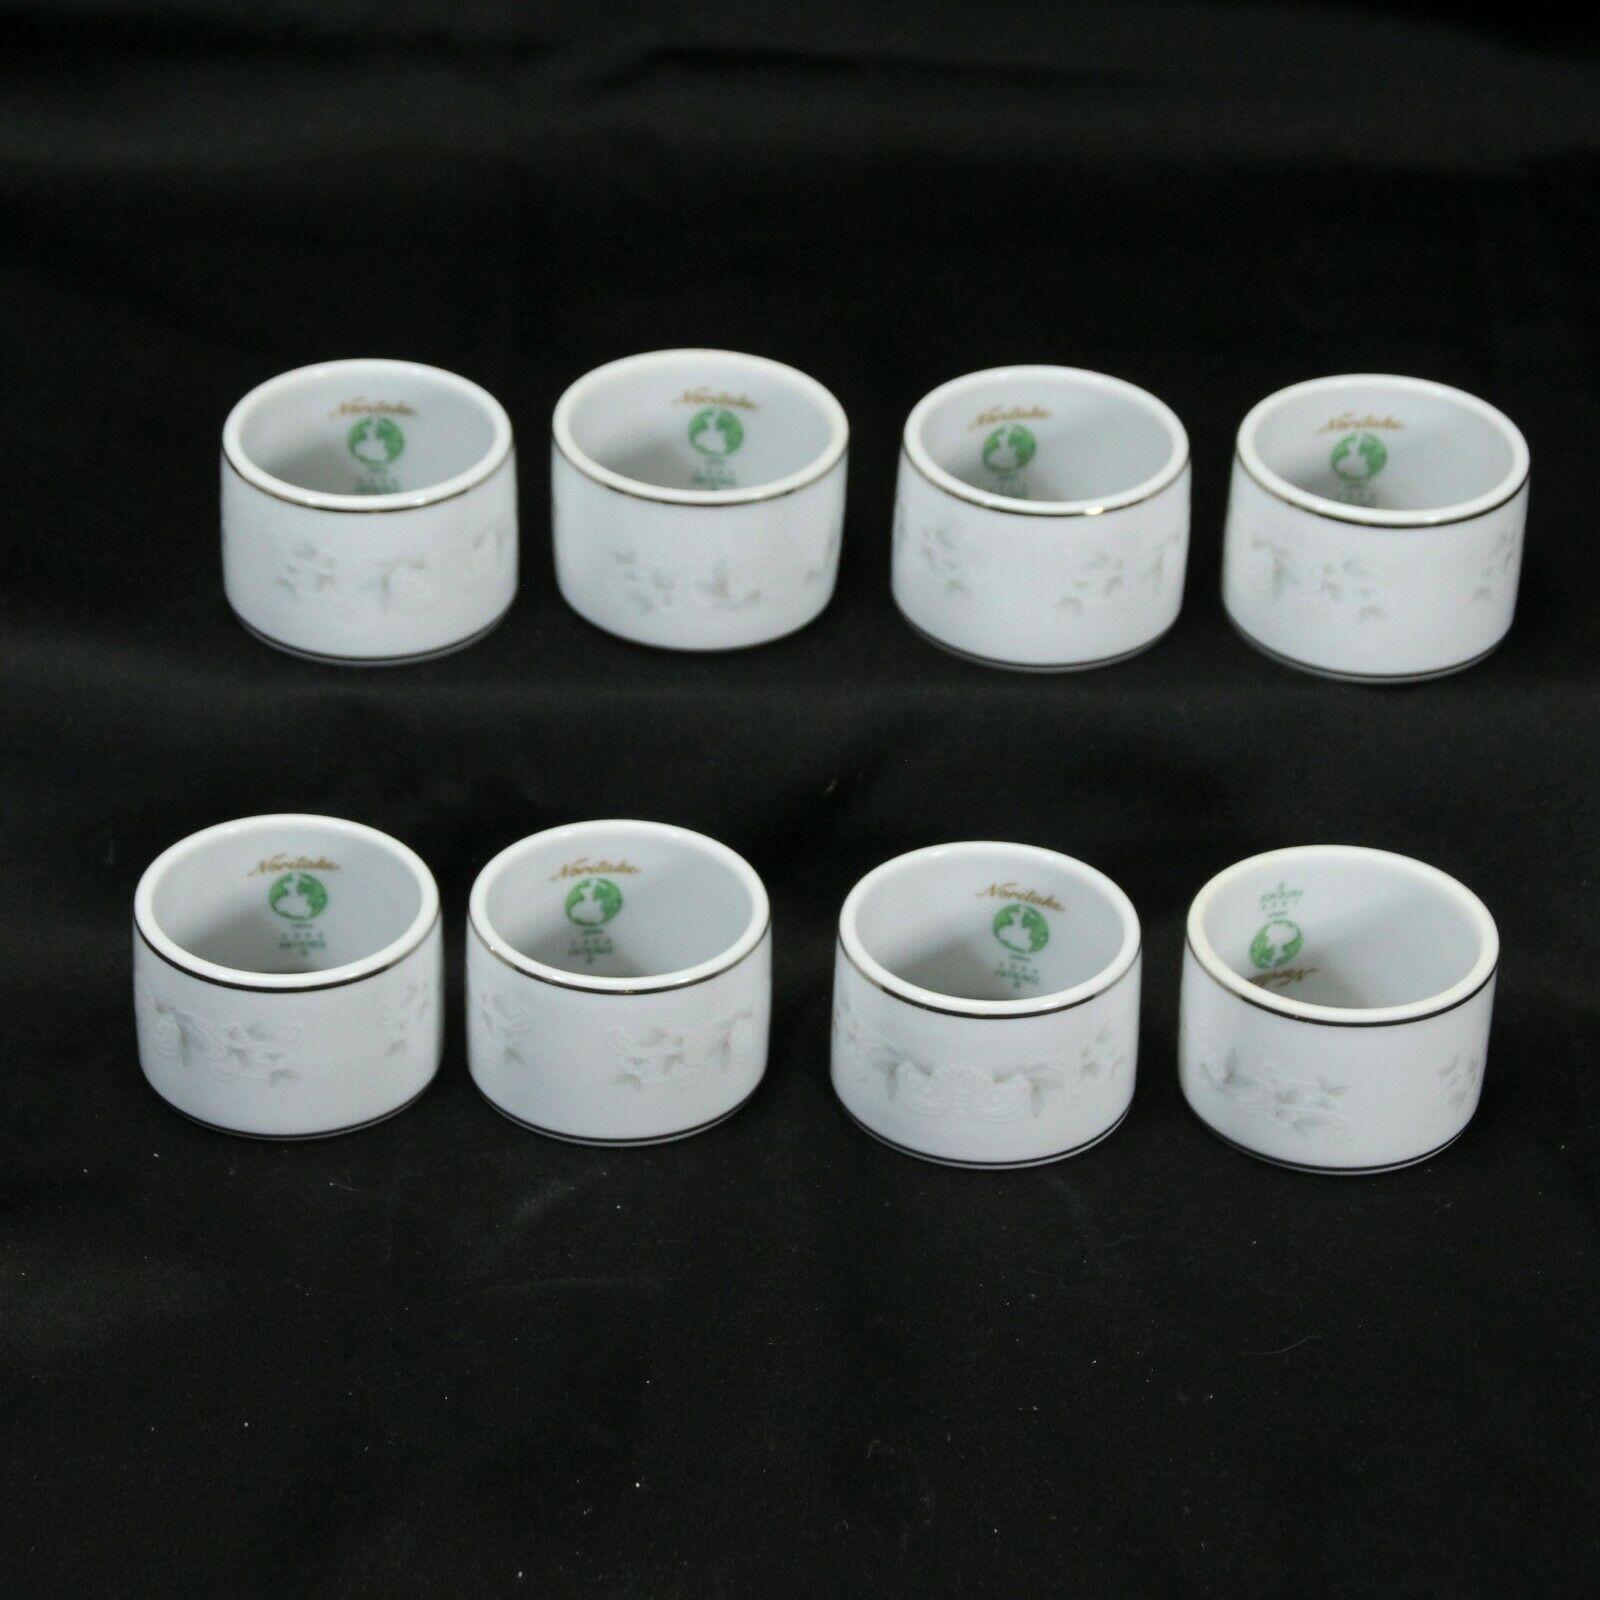 Noritake Patience Napkin Rings Lot of 8 - $195.99